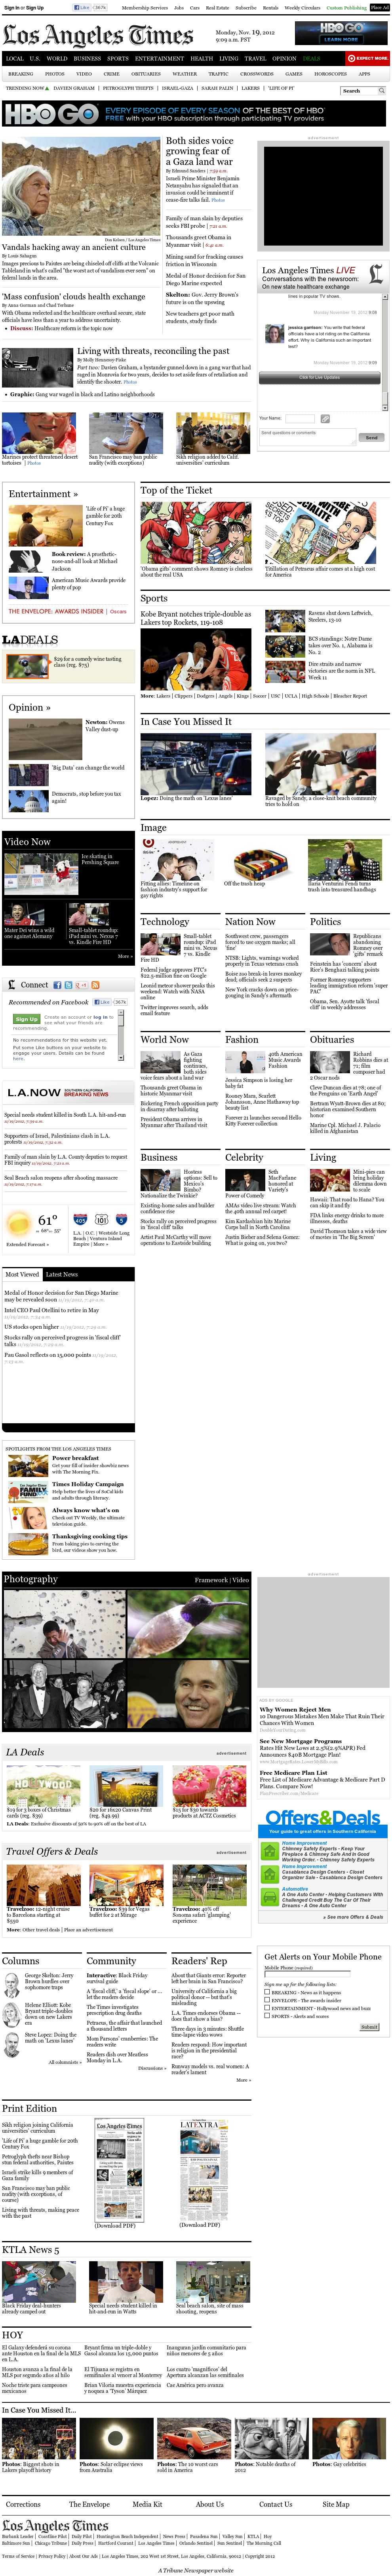 Los Angeles Times at Monday Nov. 19, 2012, 5:16 p.m. UTC